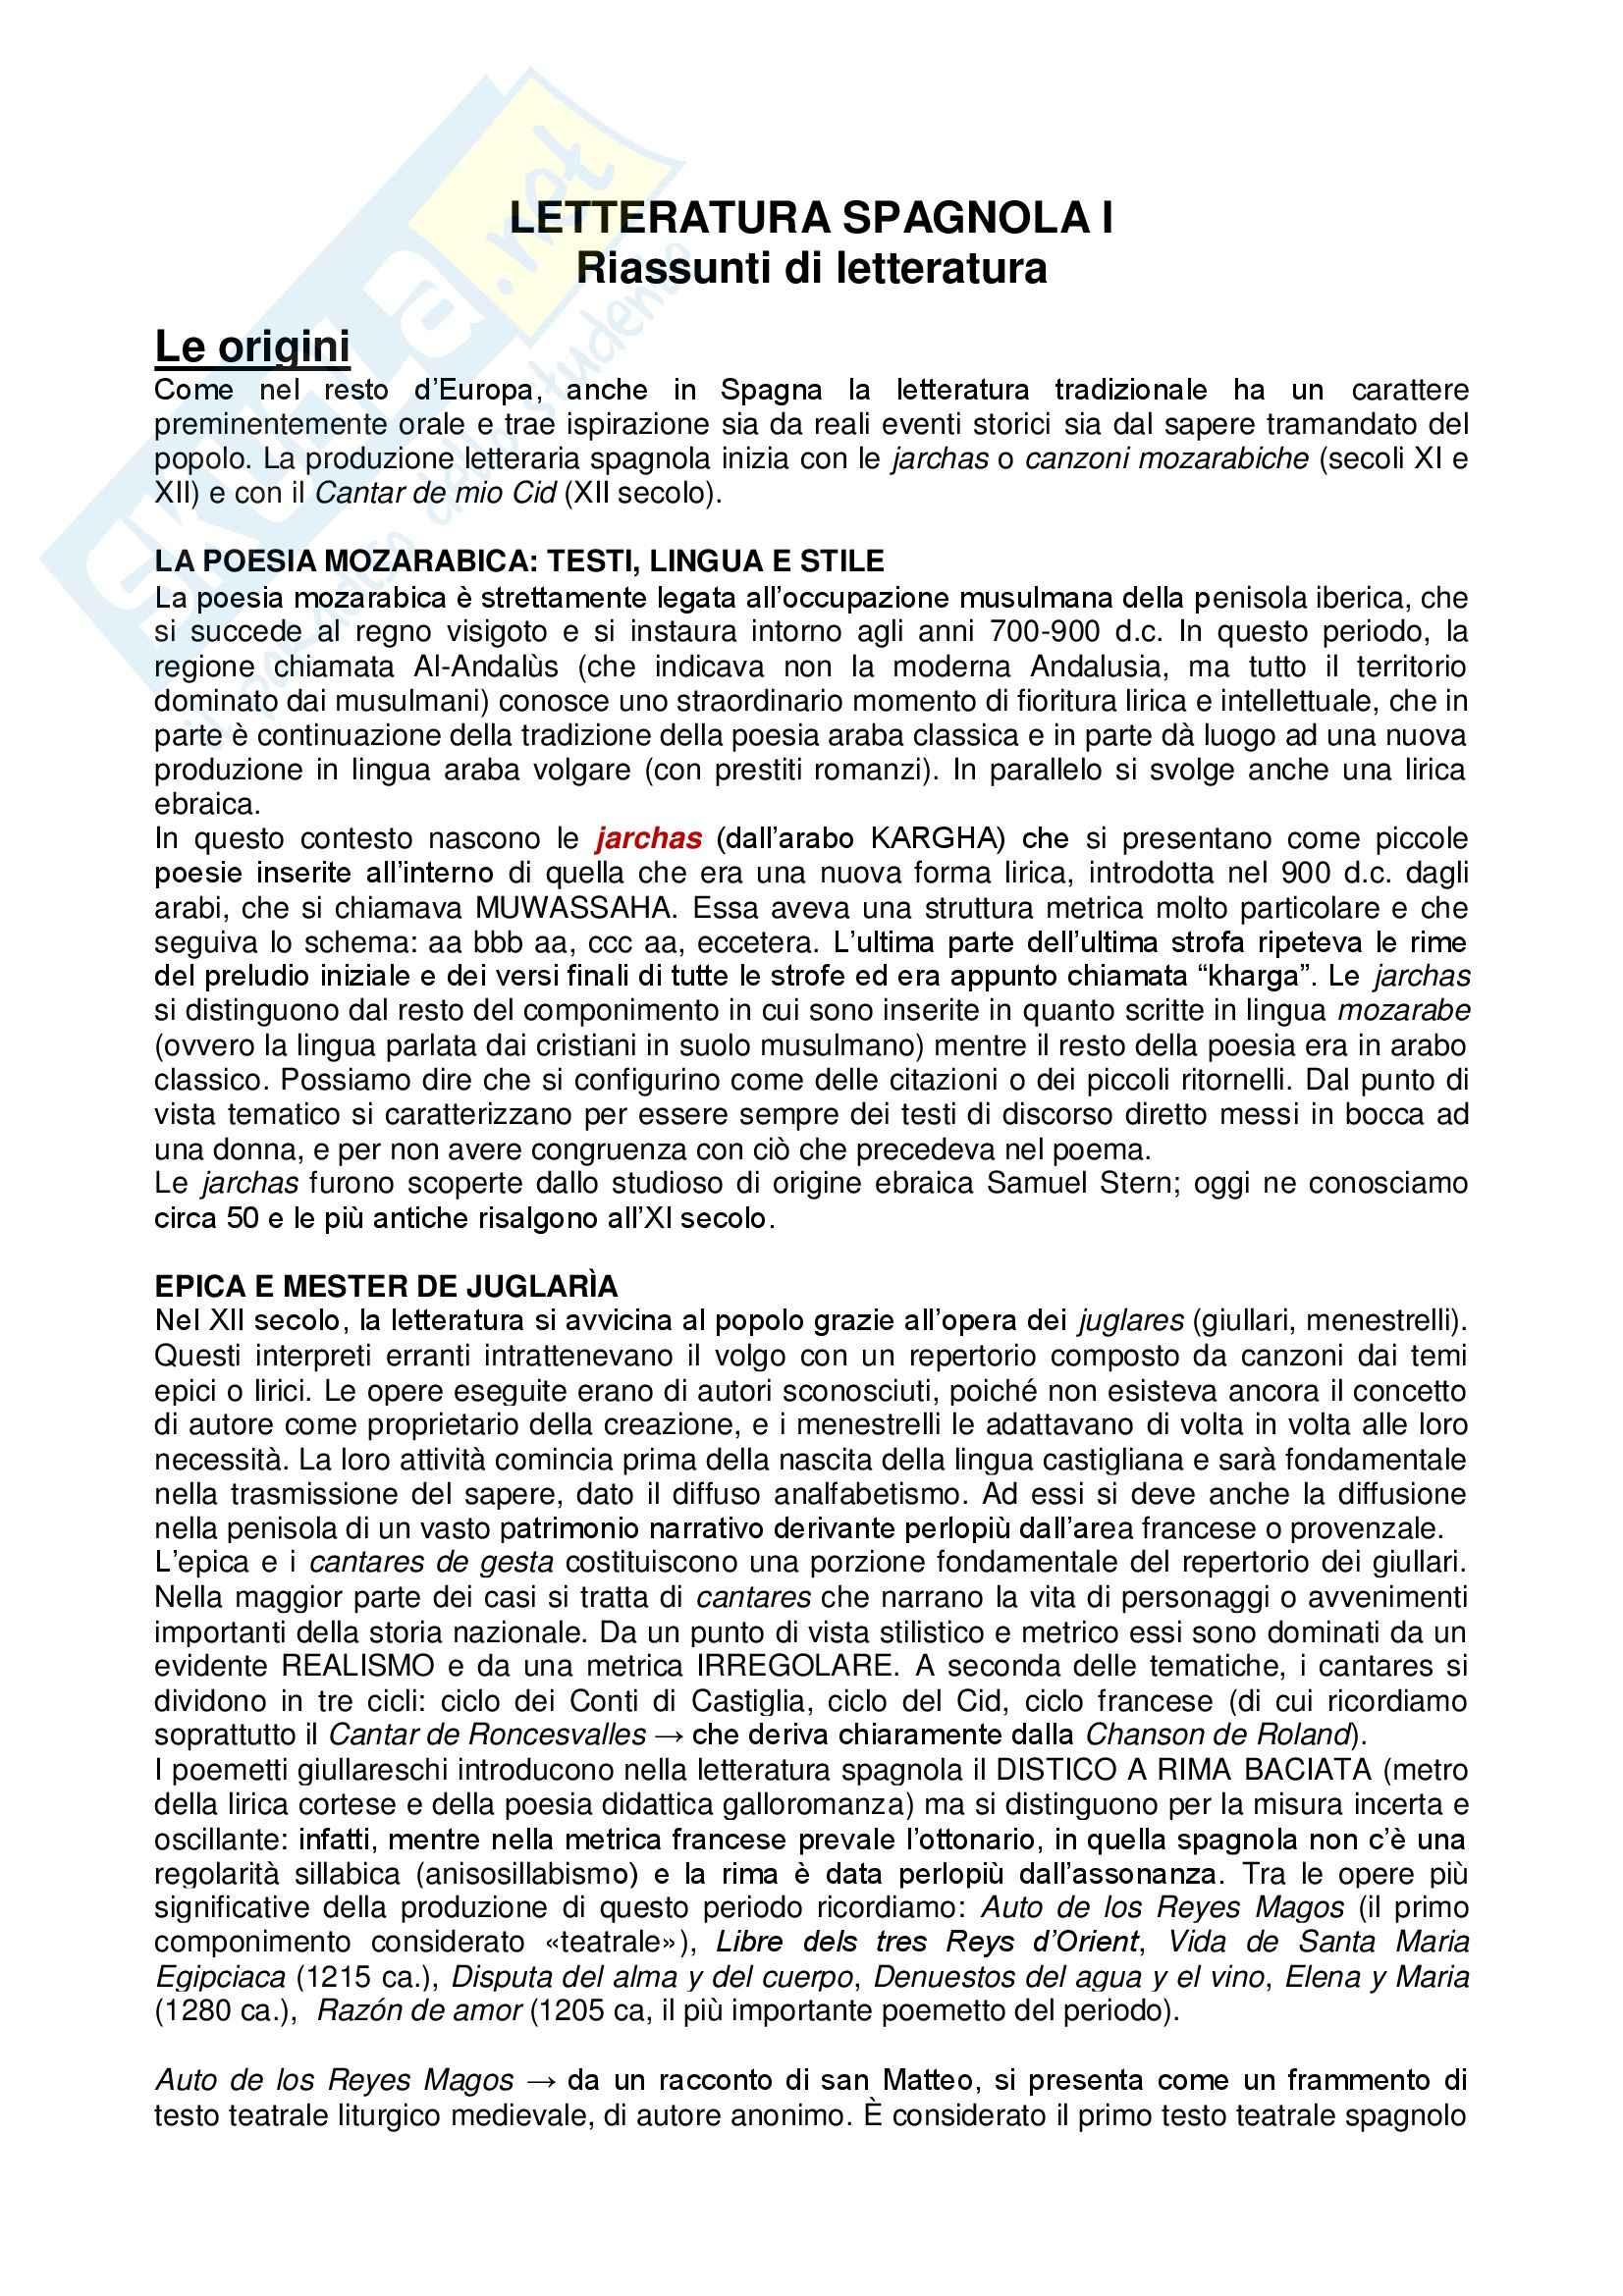 appunto I. Tomassetti Letteratura spagnola